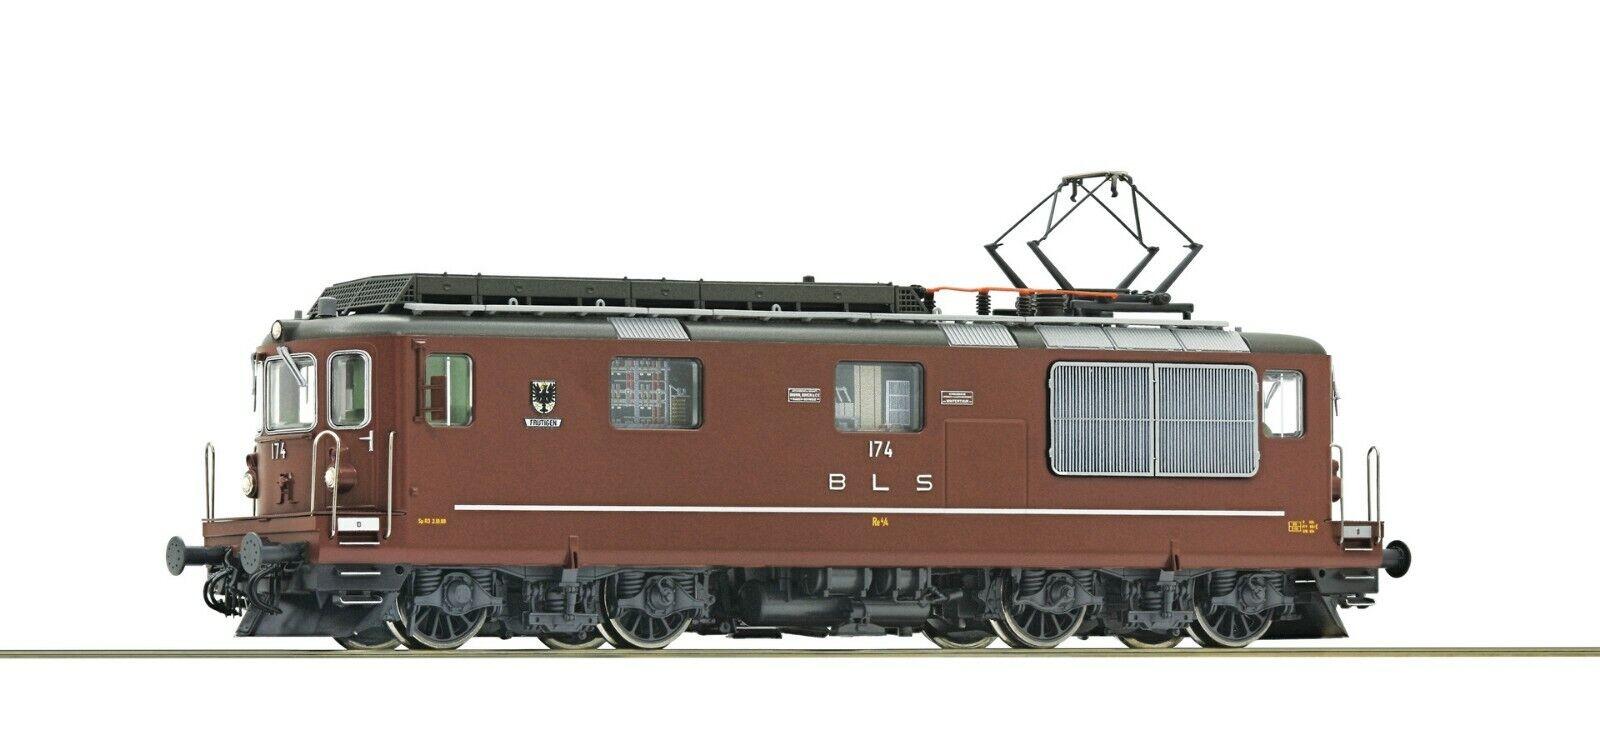 Roco HO scale Electric locomotive Re 4/4 BLS